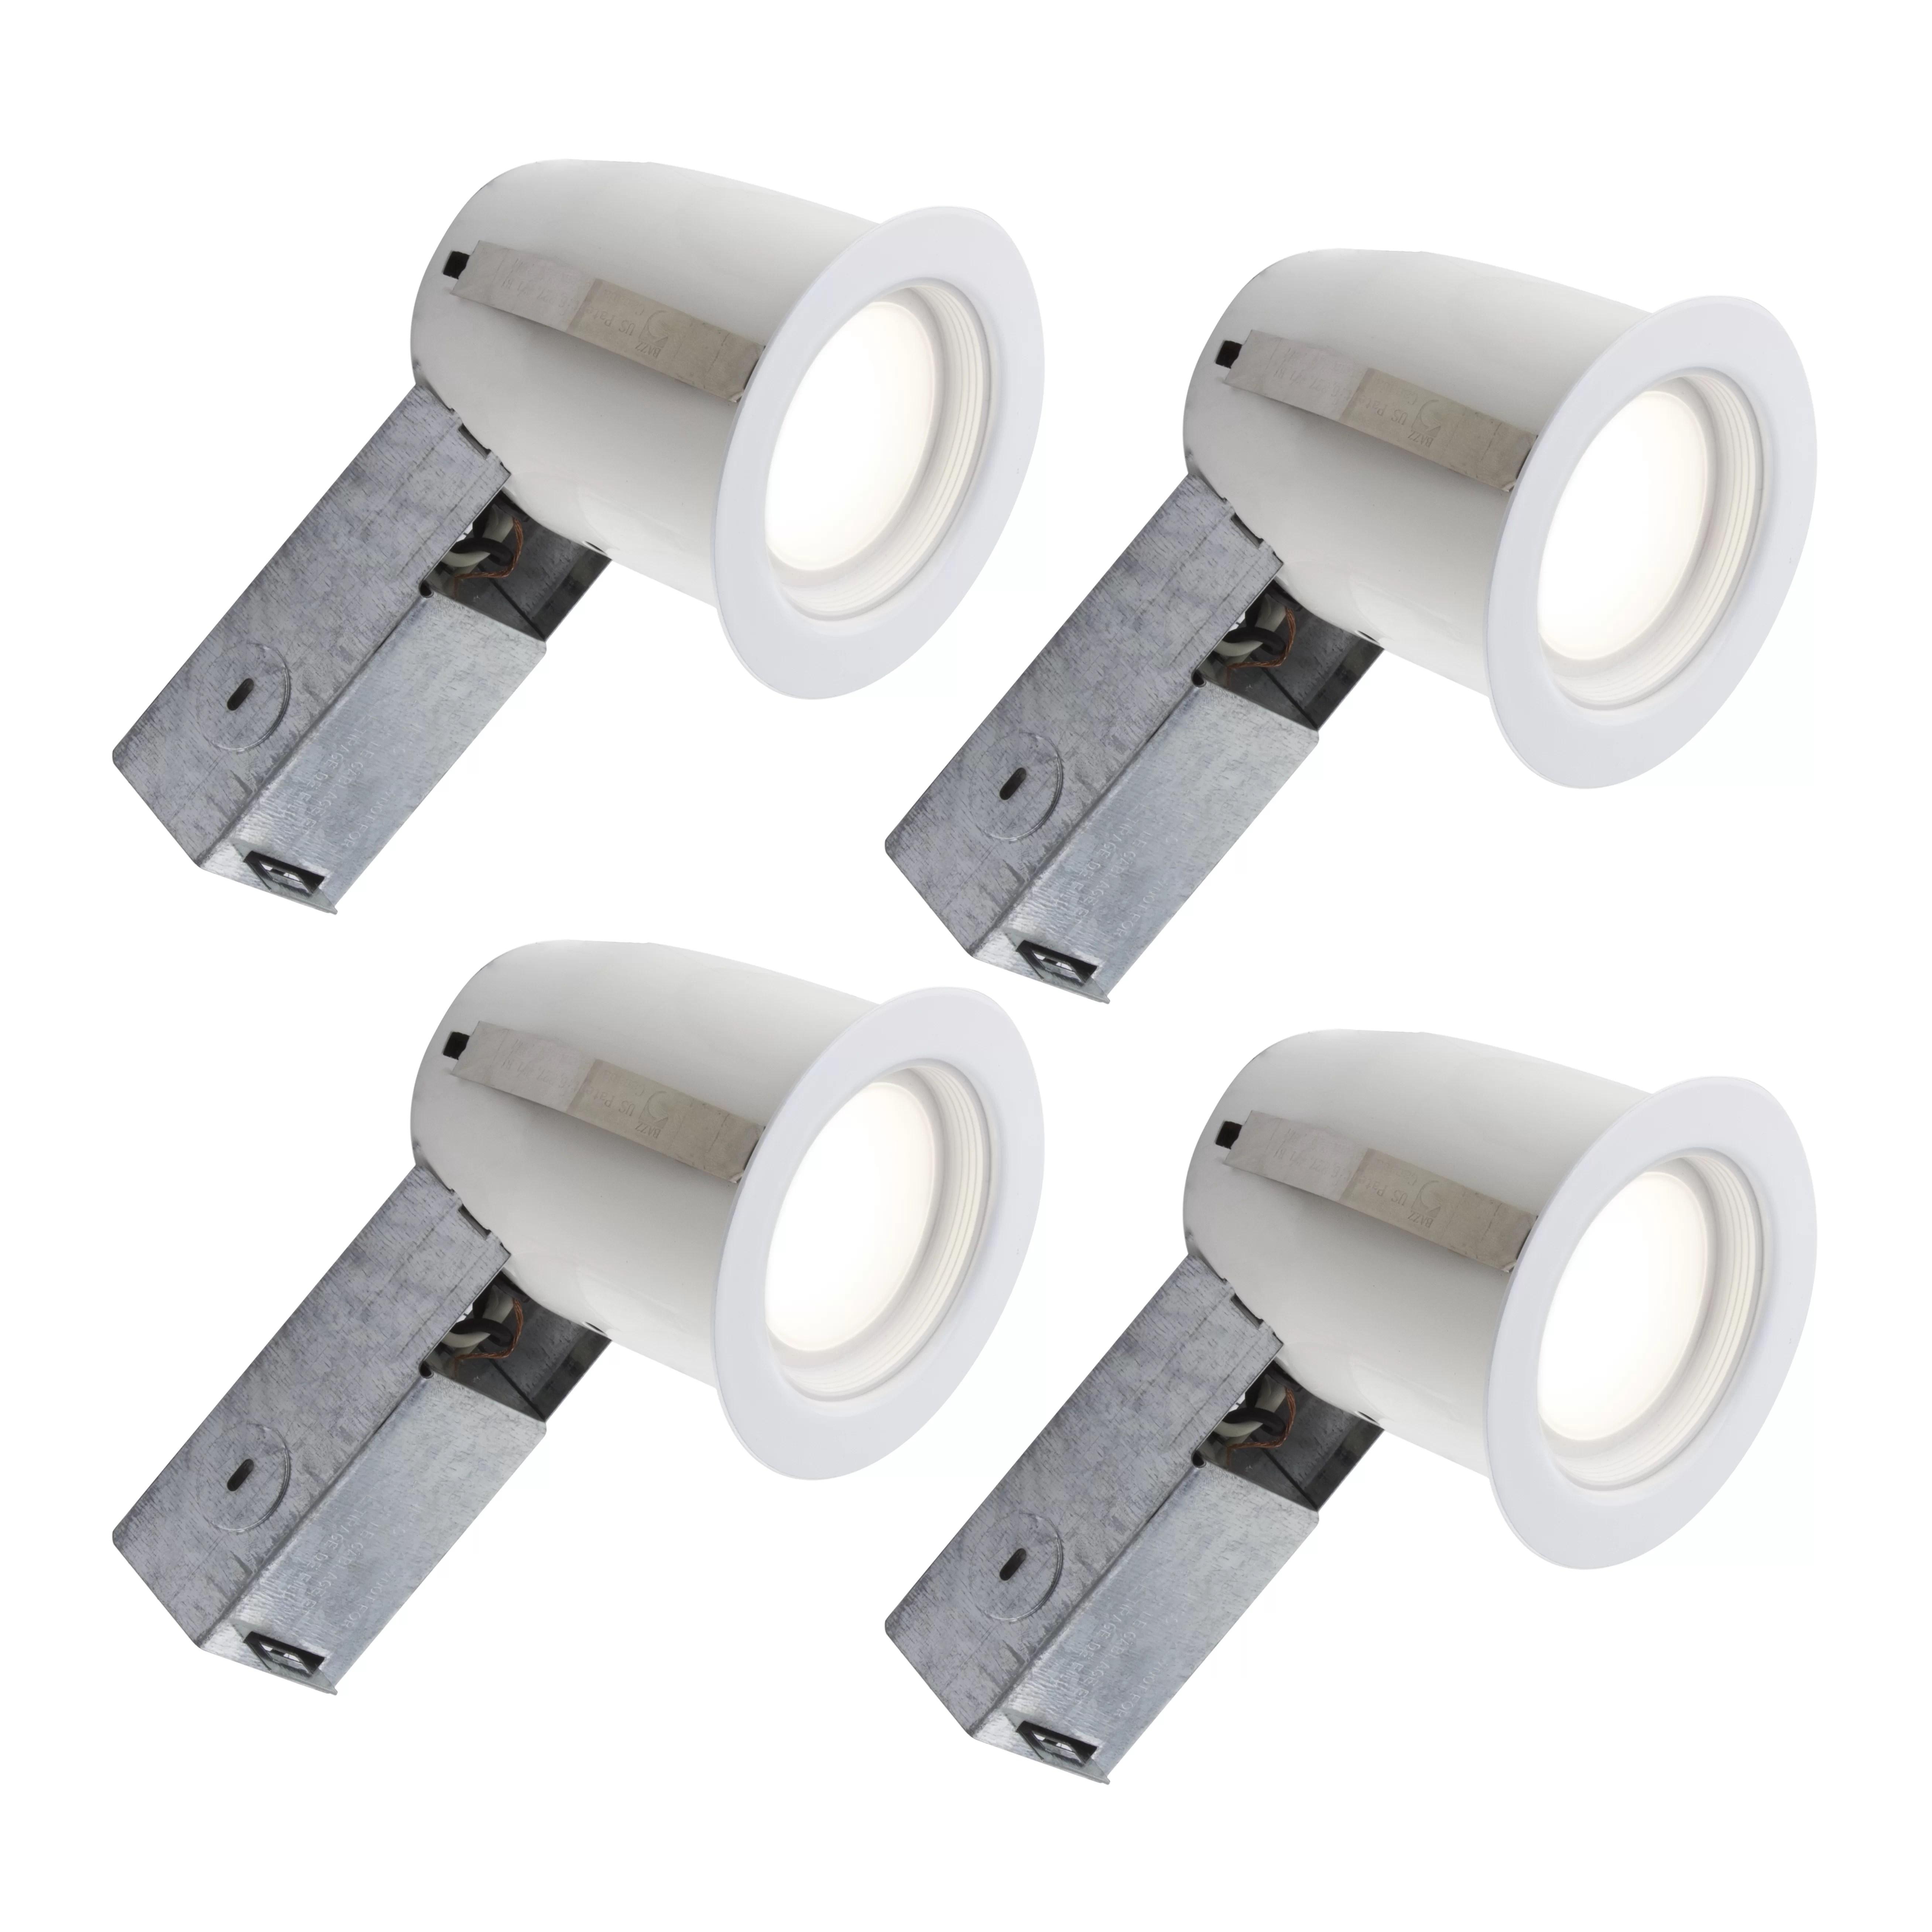 bazz 3 75 led recessed lighting kit wayfair